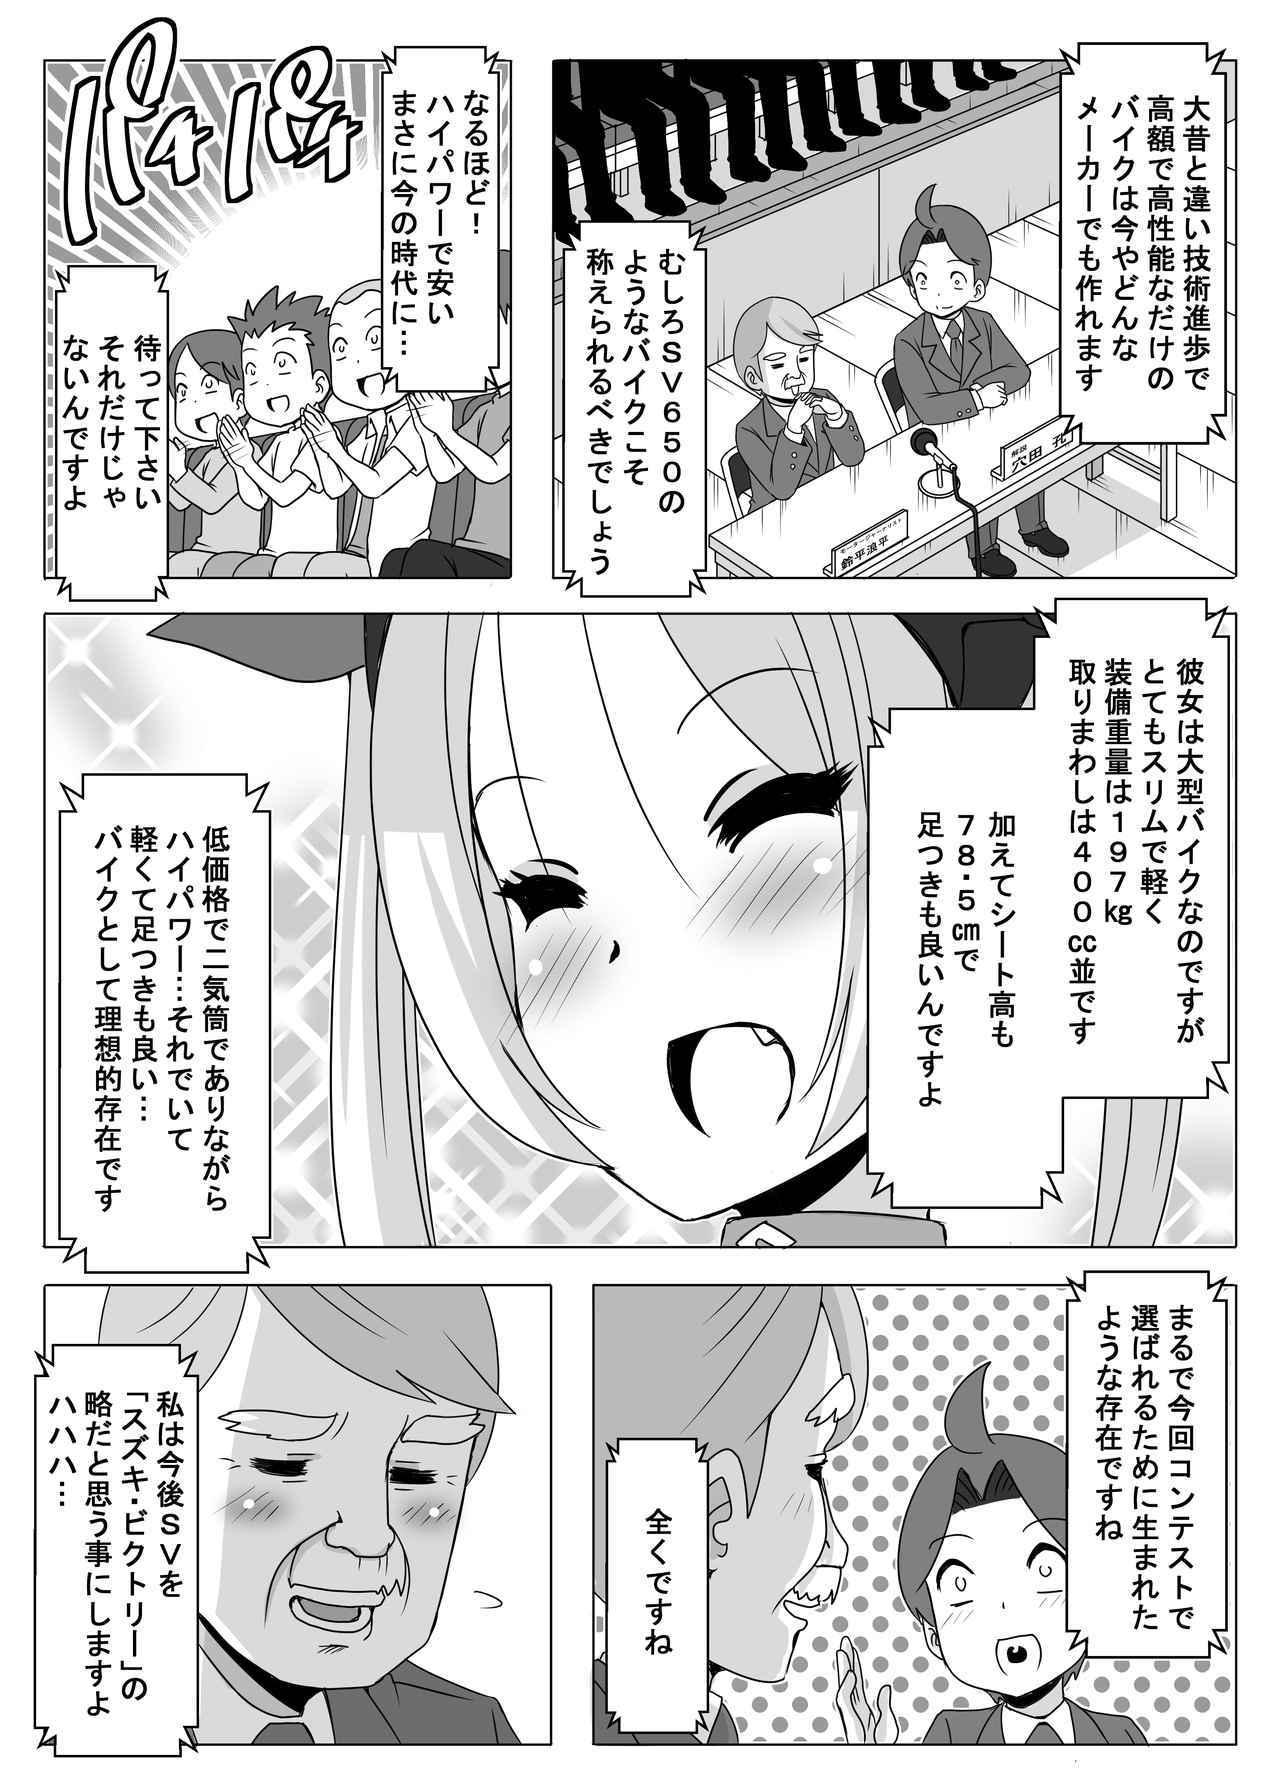 『バイク擬人化菌書』SV650 話「ビクトリー」 作:鈴木秀吉